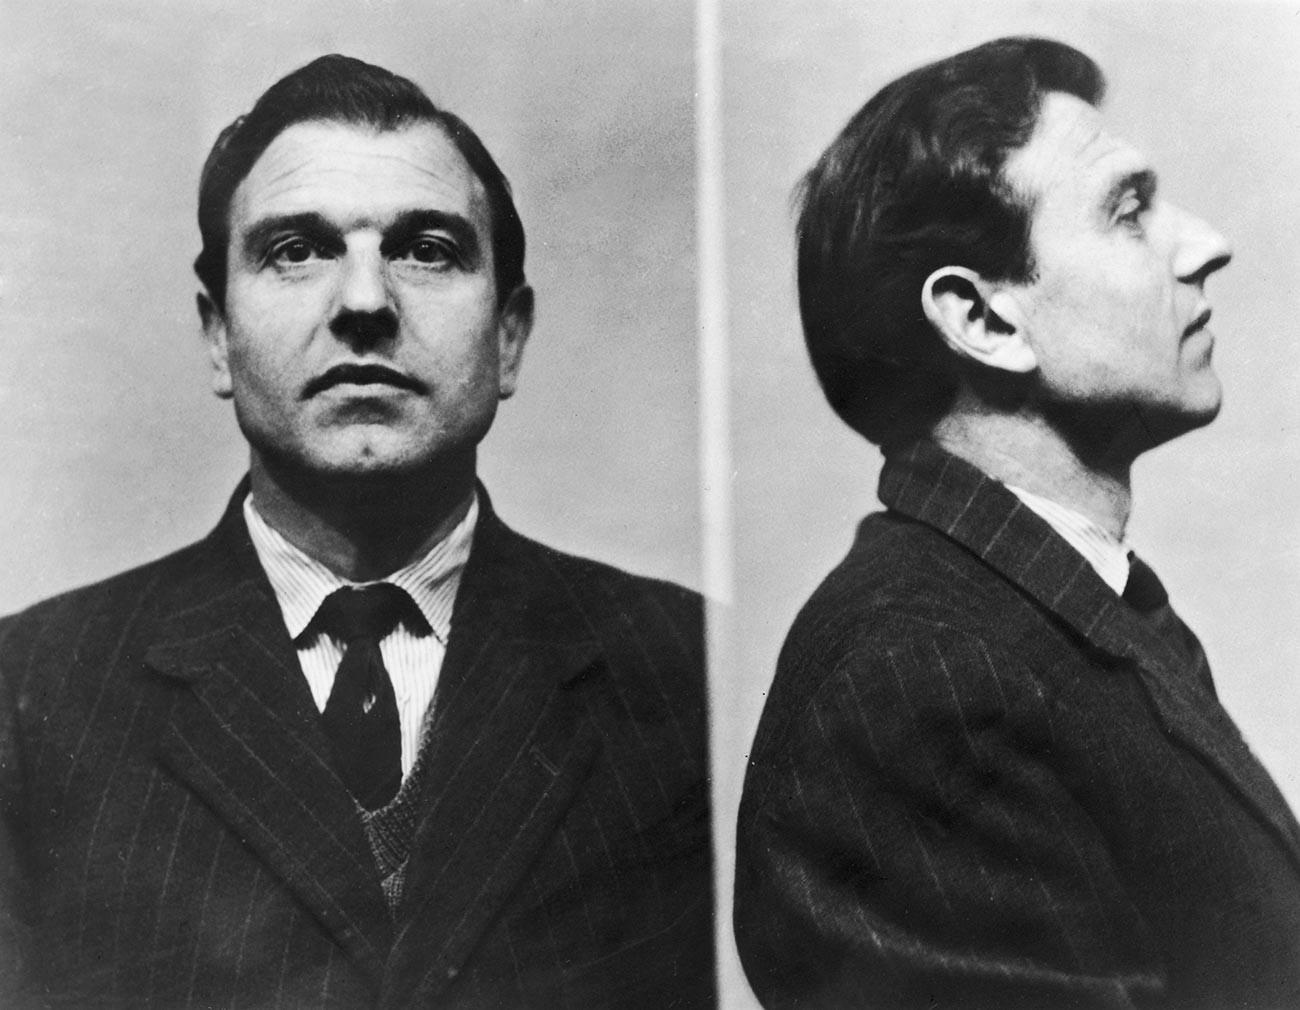 Gefängnisbilder von George Blake, 1961.